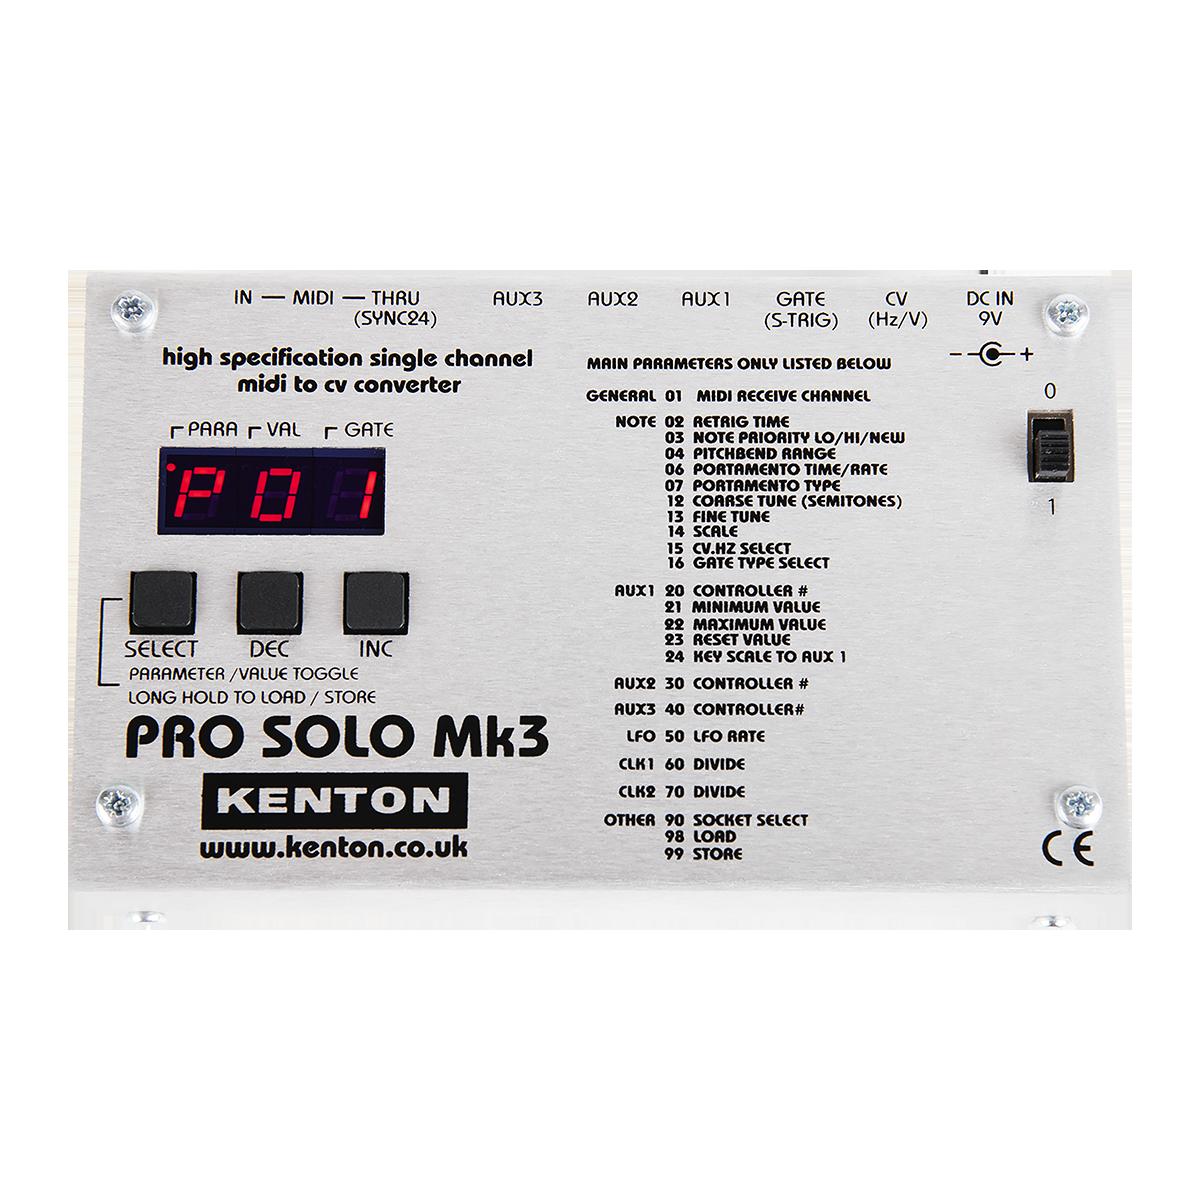 Pro Solo mk3